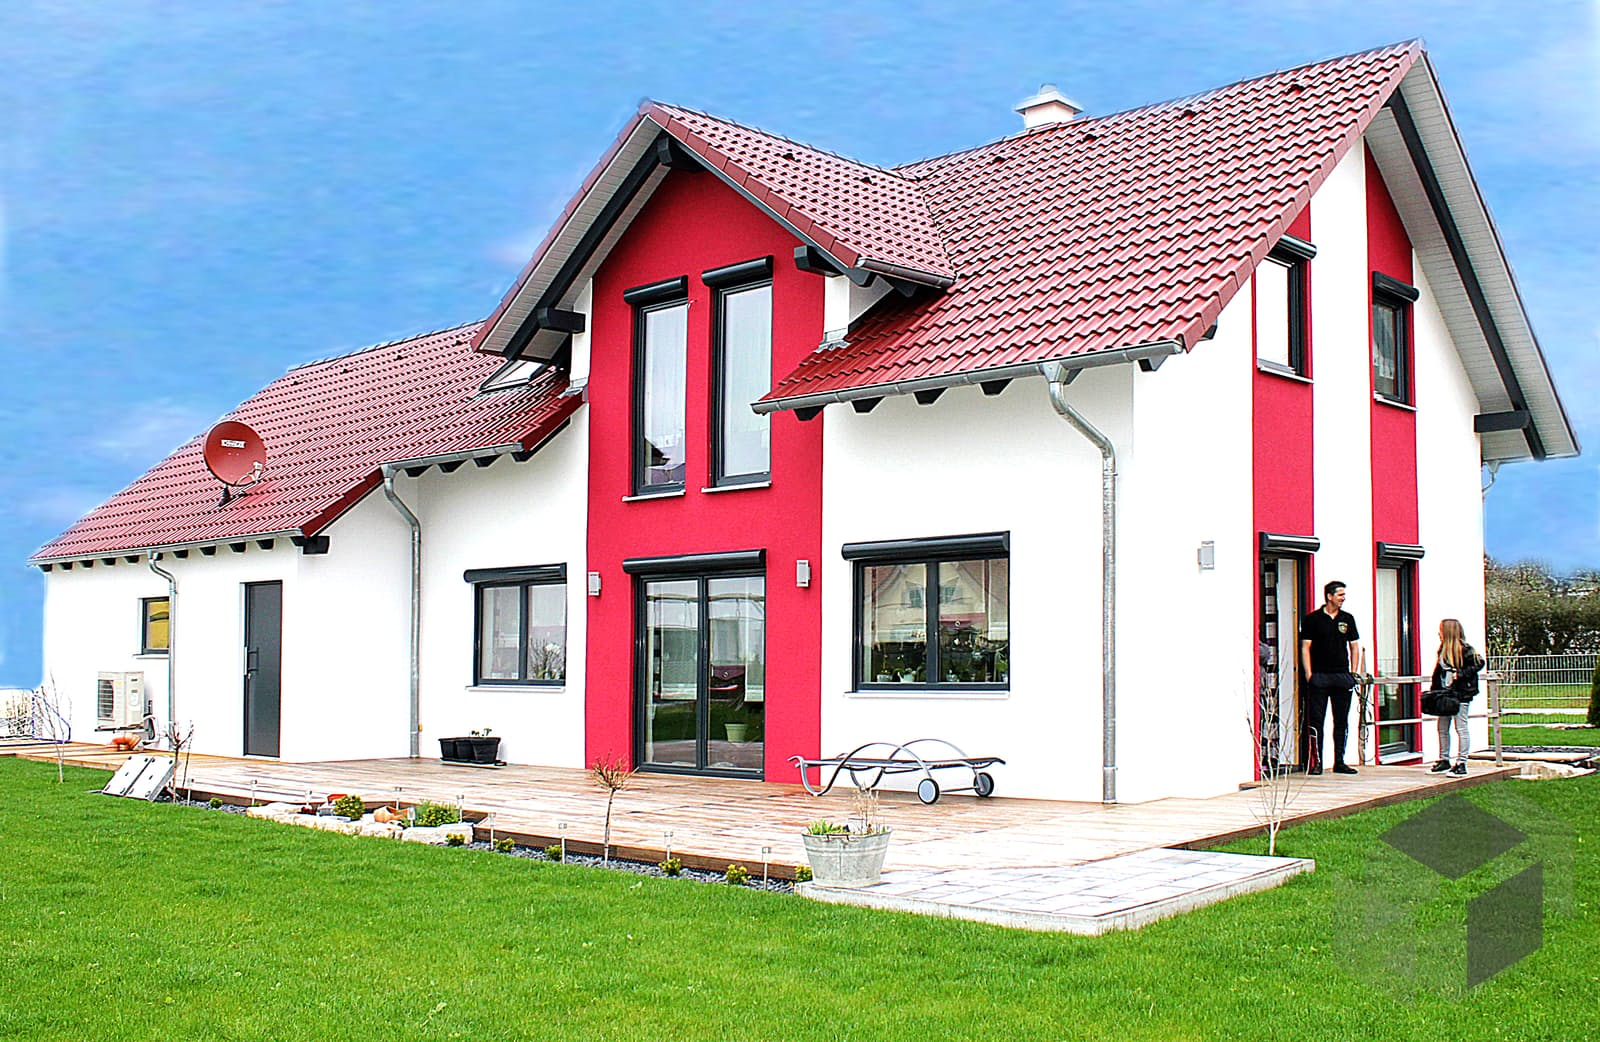 homestory 057 von lehner haus komplette daten bersicht. Black Bedroom Furniture Sets. Home Design Ideas